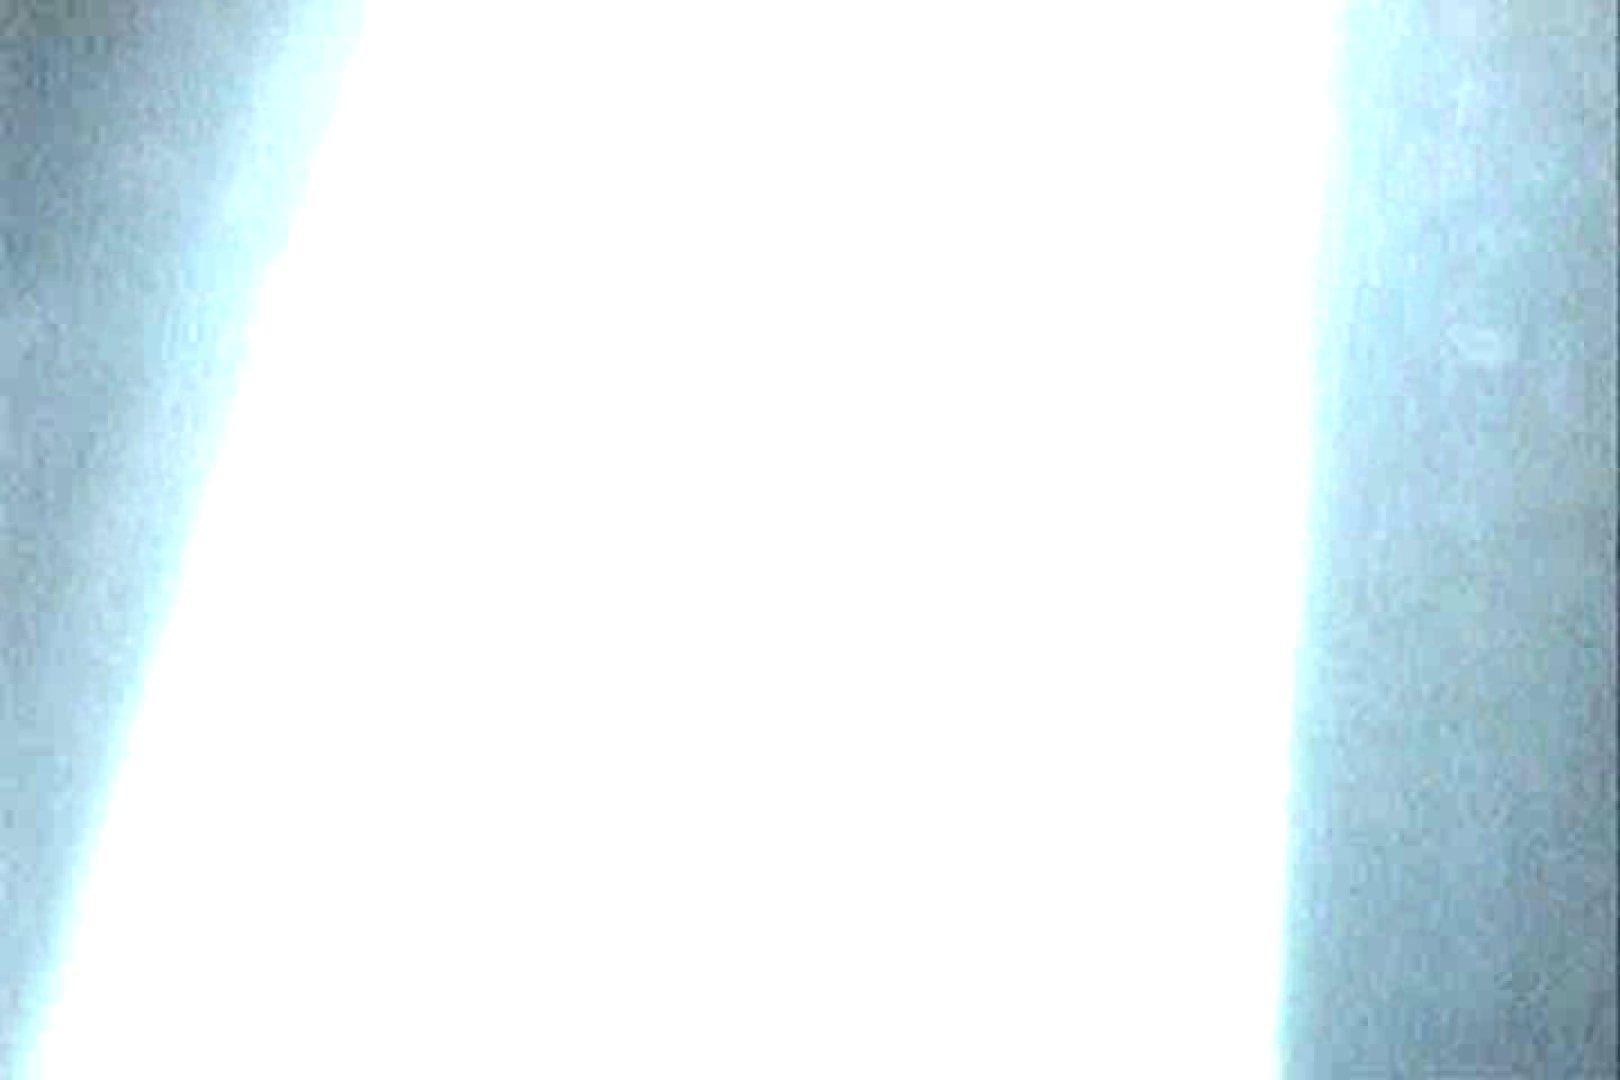 充血監督の深夜の運動会Vol.14 独身エッチOL | カーセックス  62pic 56